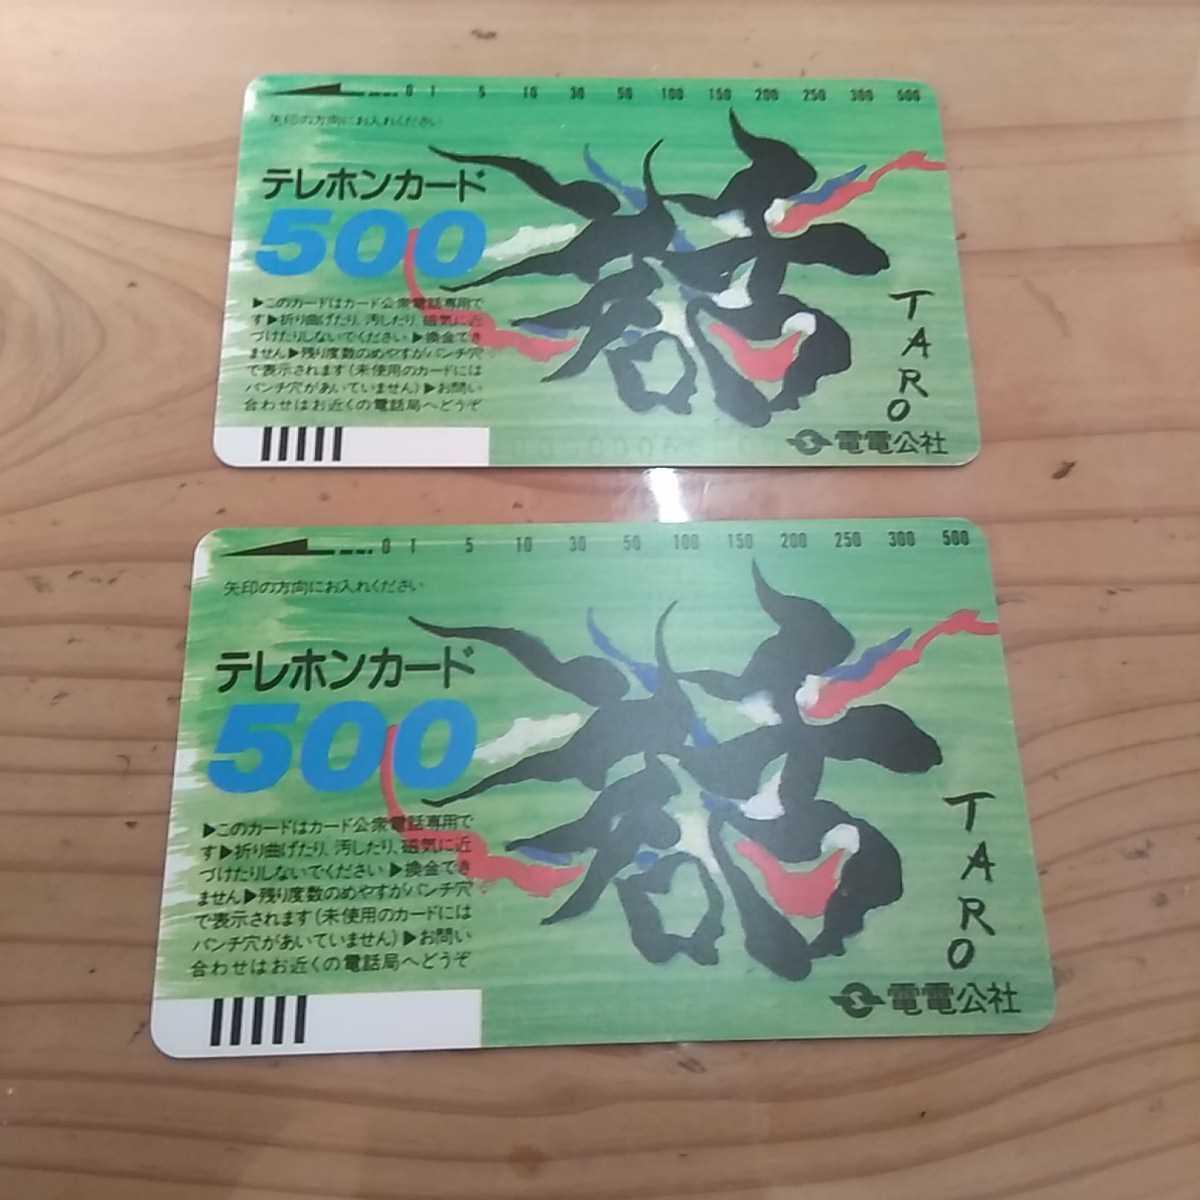 電電公社 岡本太郎 500度 テレホンカード テレカ 新品_画像1